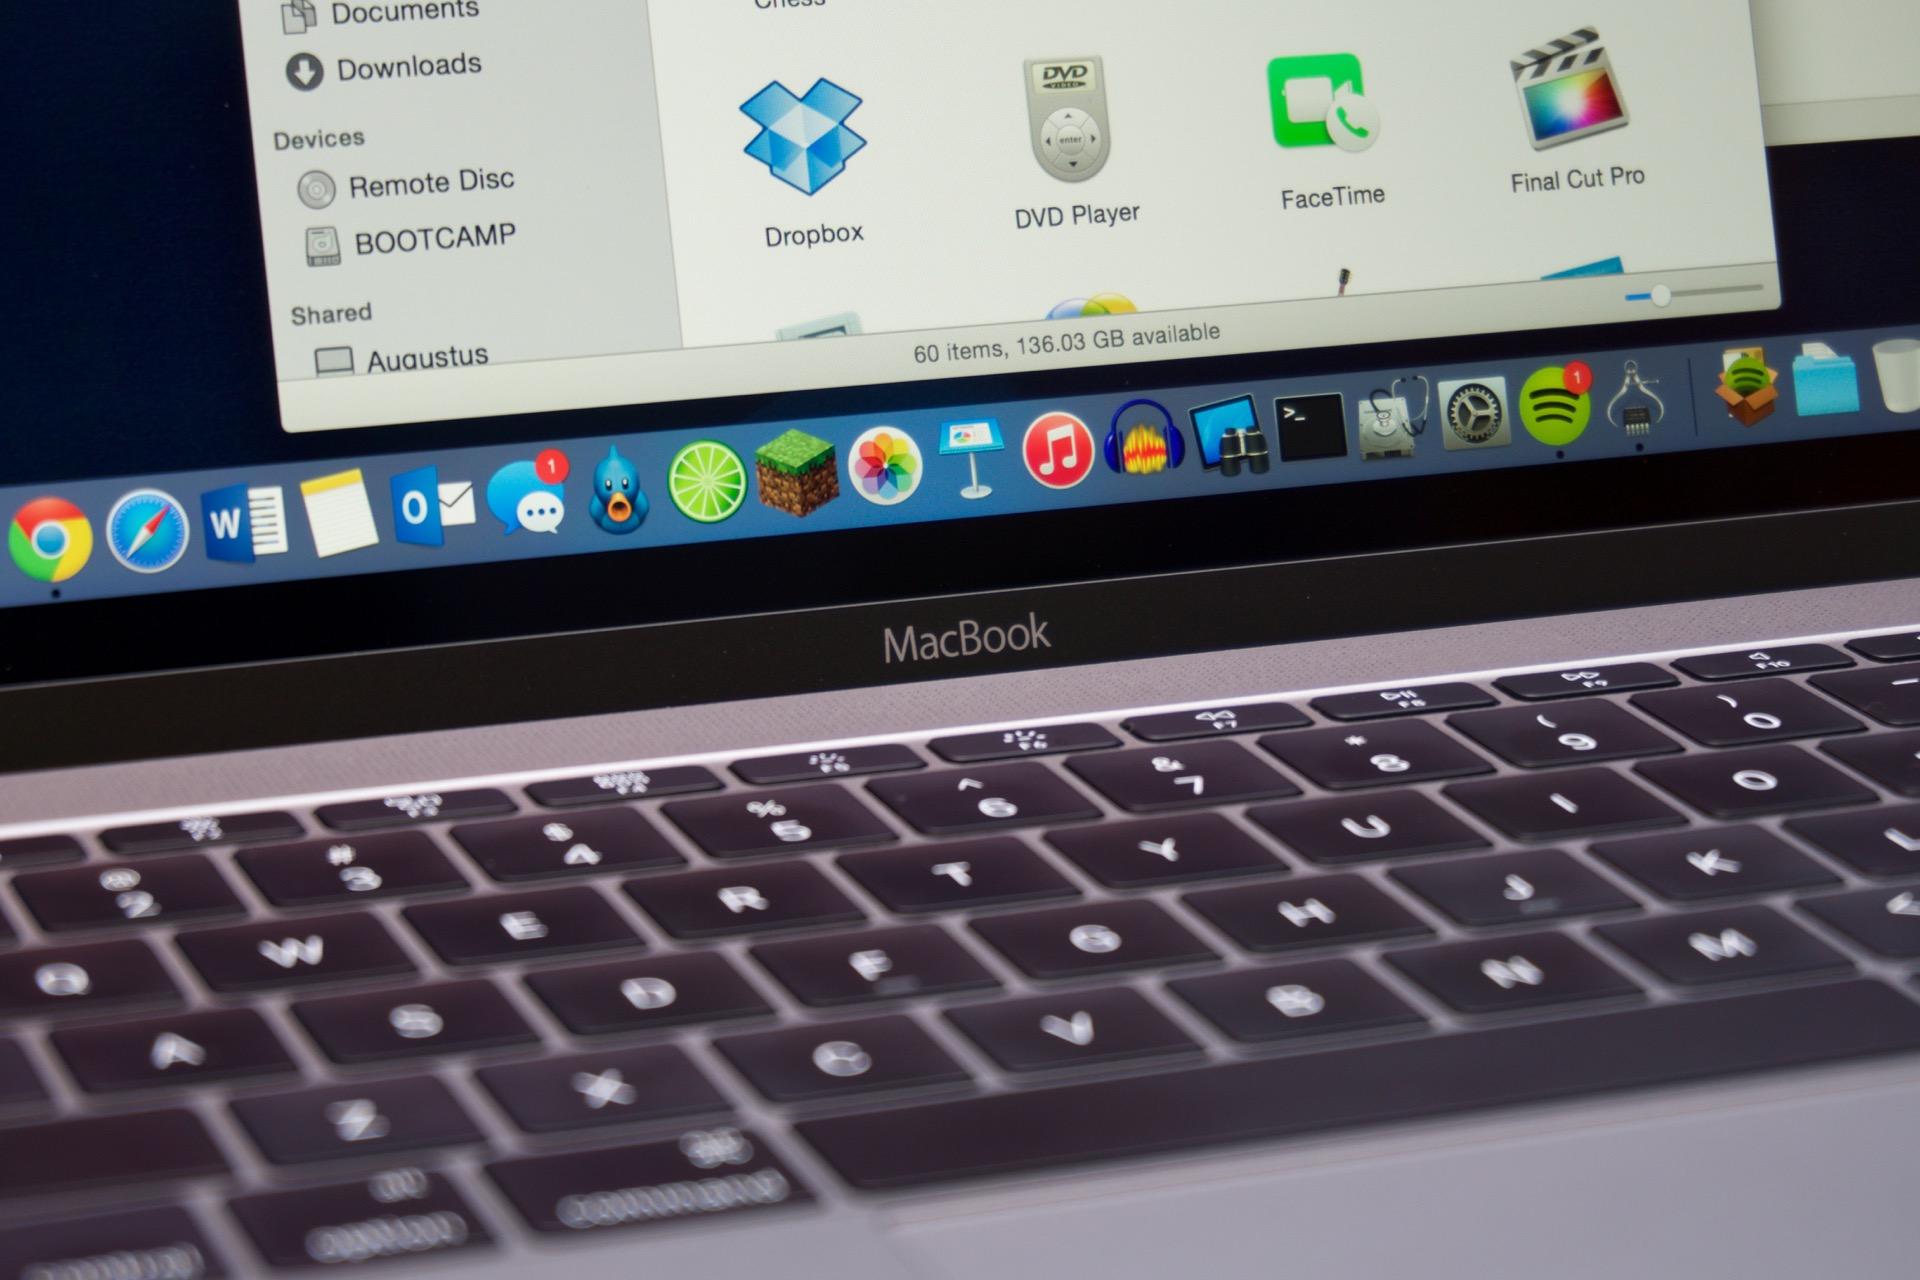 The 2015 MacBook.